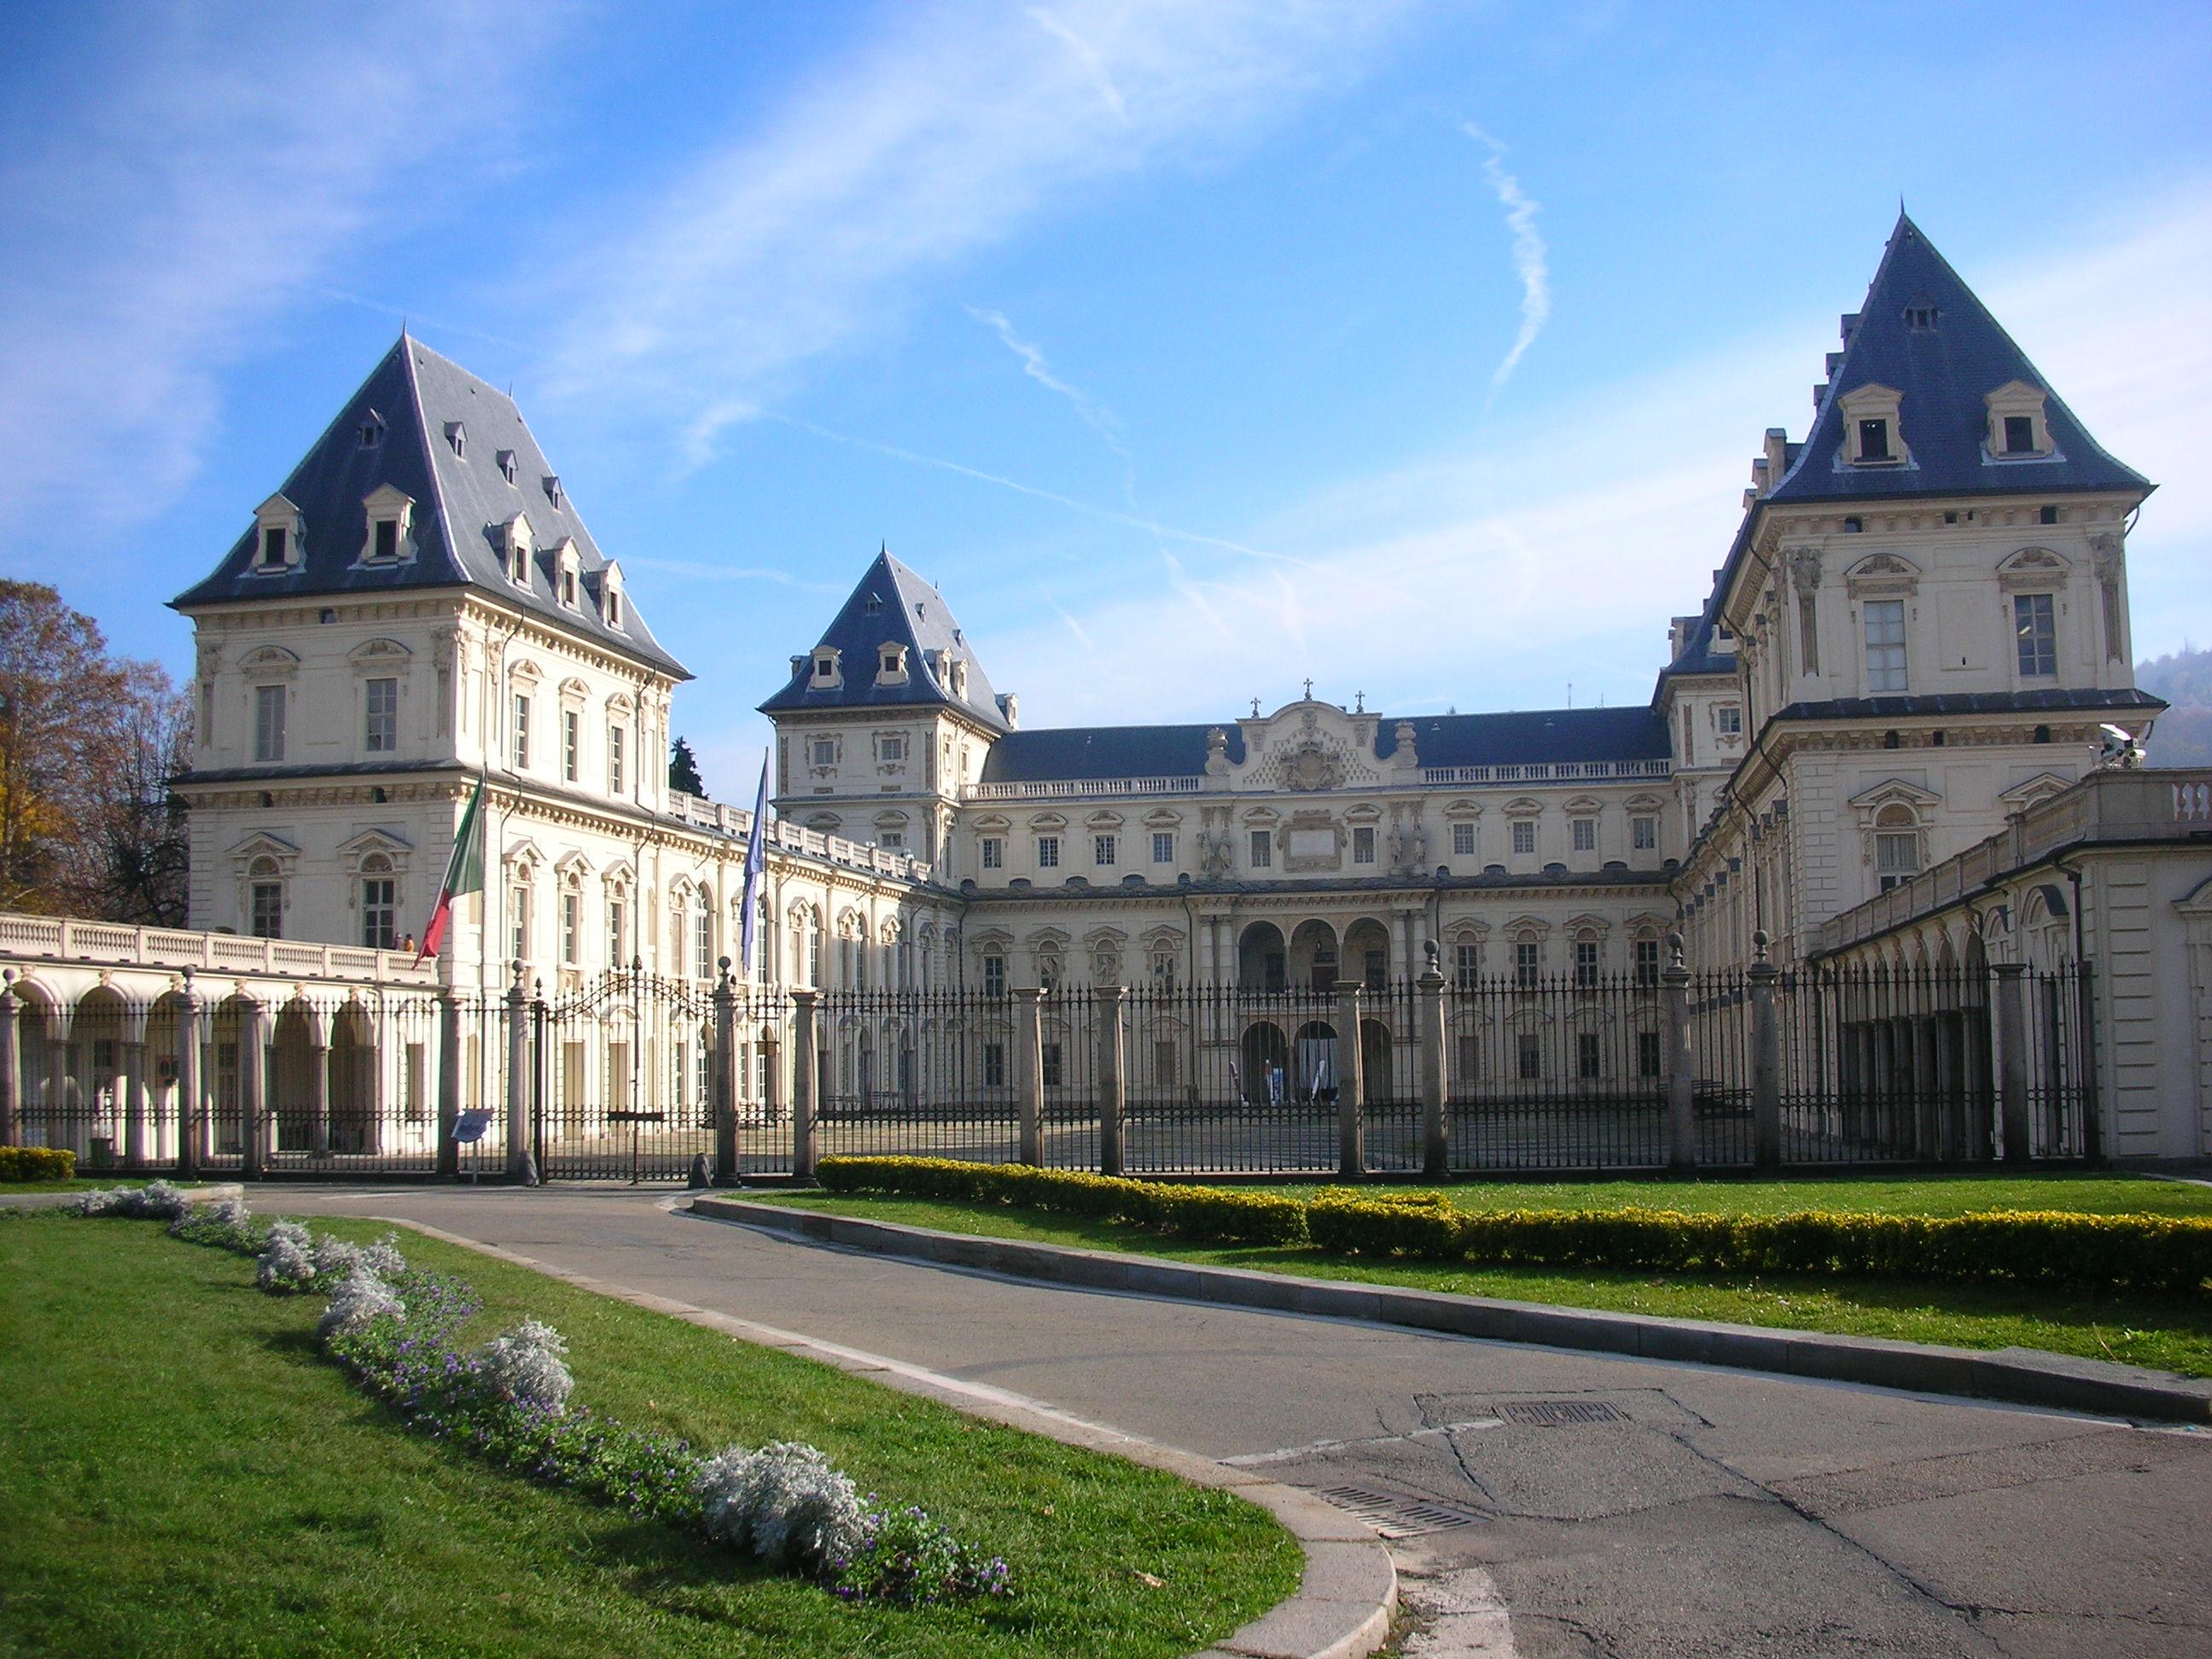 Замок Валентино XVI—XVII ст. — одна з резиденцій Савойської династії. Фото: ru.wikipedia.org